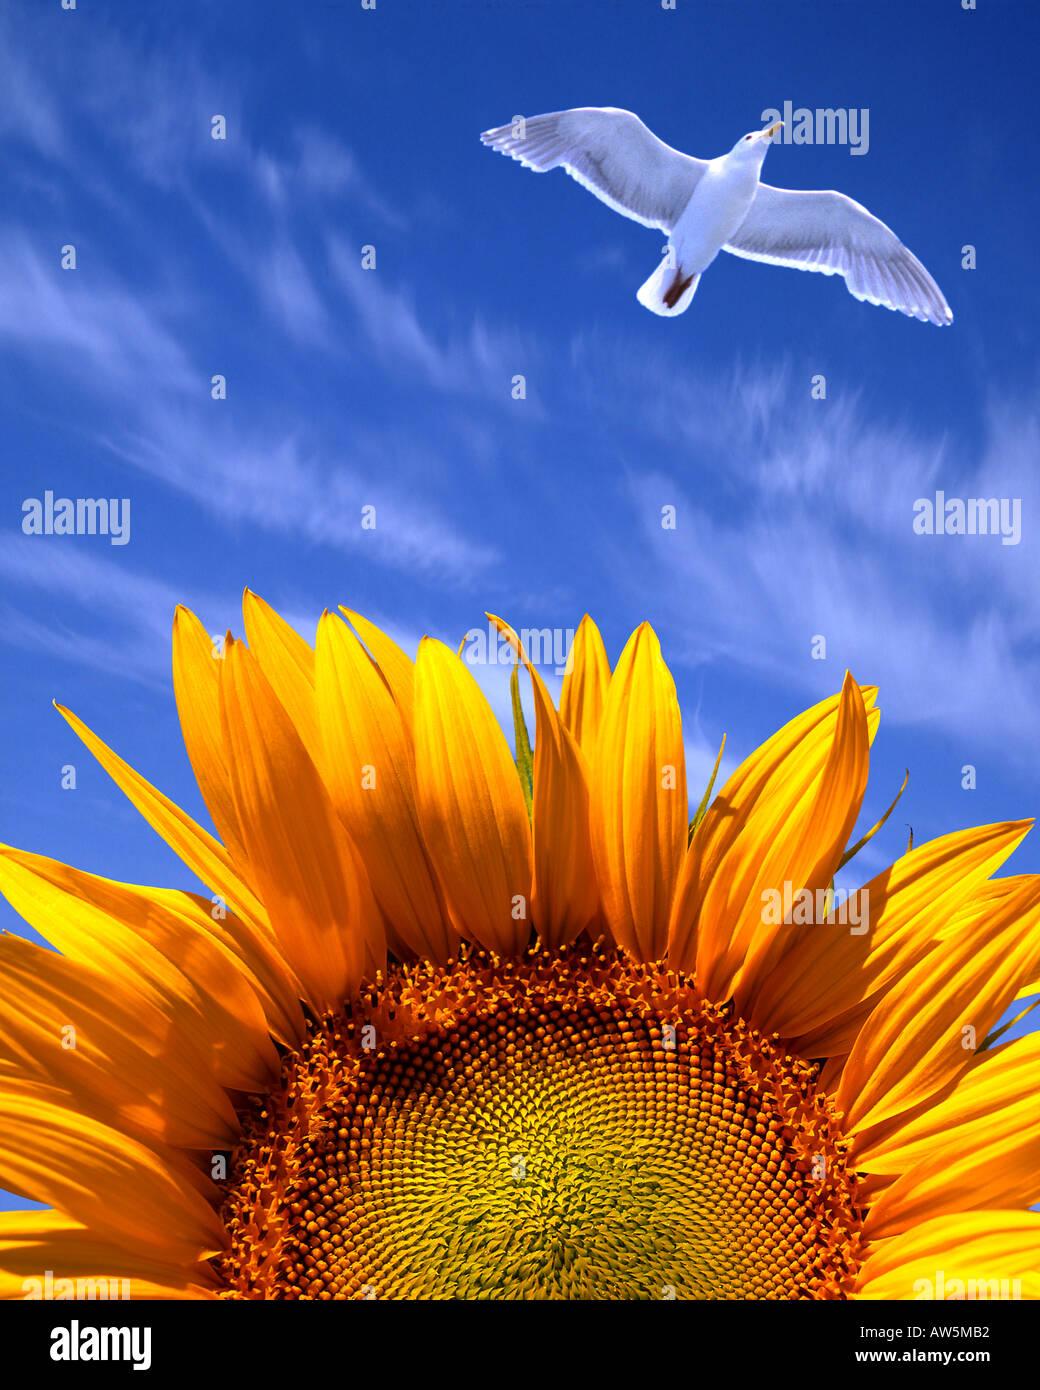 FR - PROVENCE: Sunflower (lat. helianthus) - Stock Image